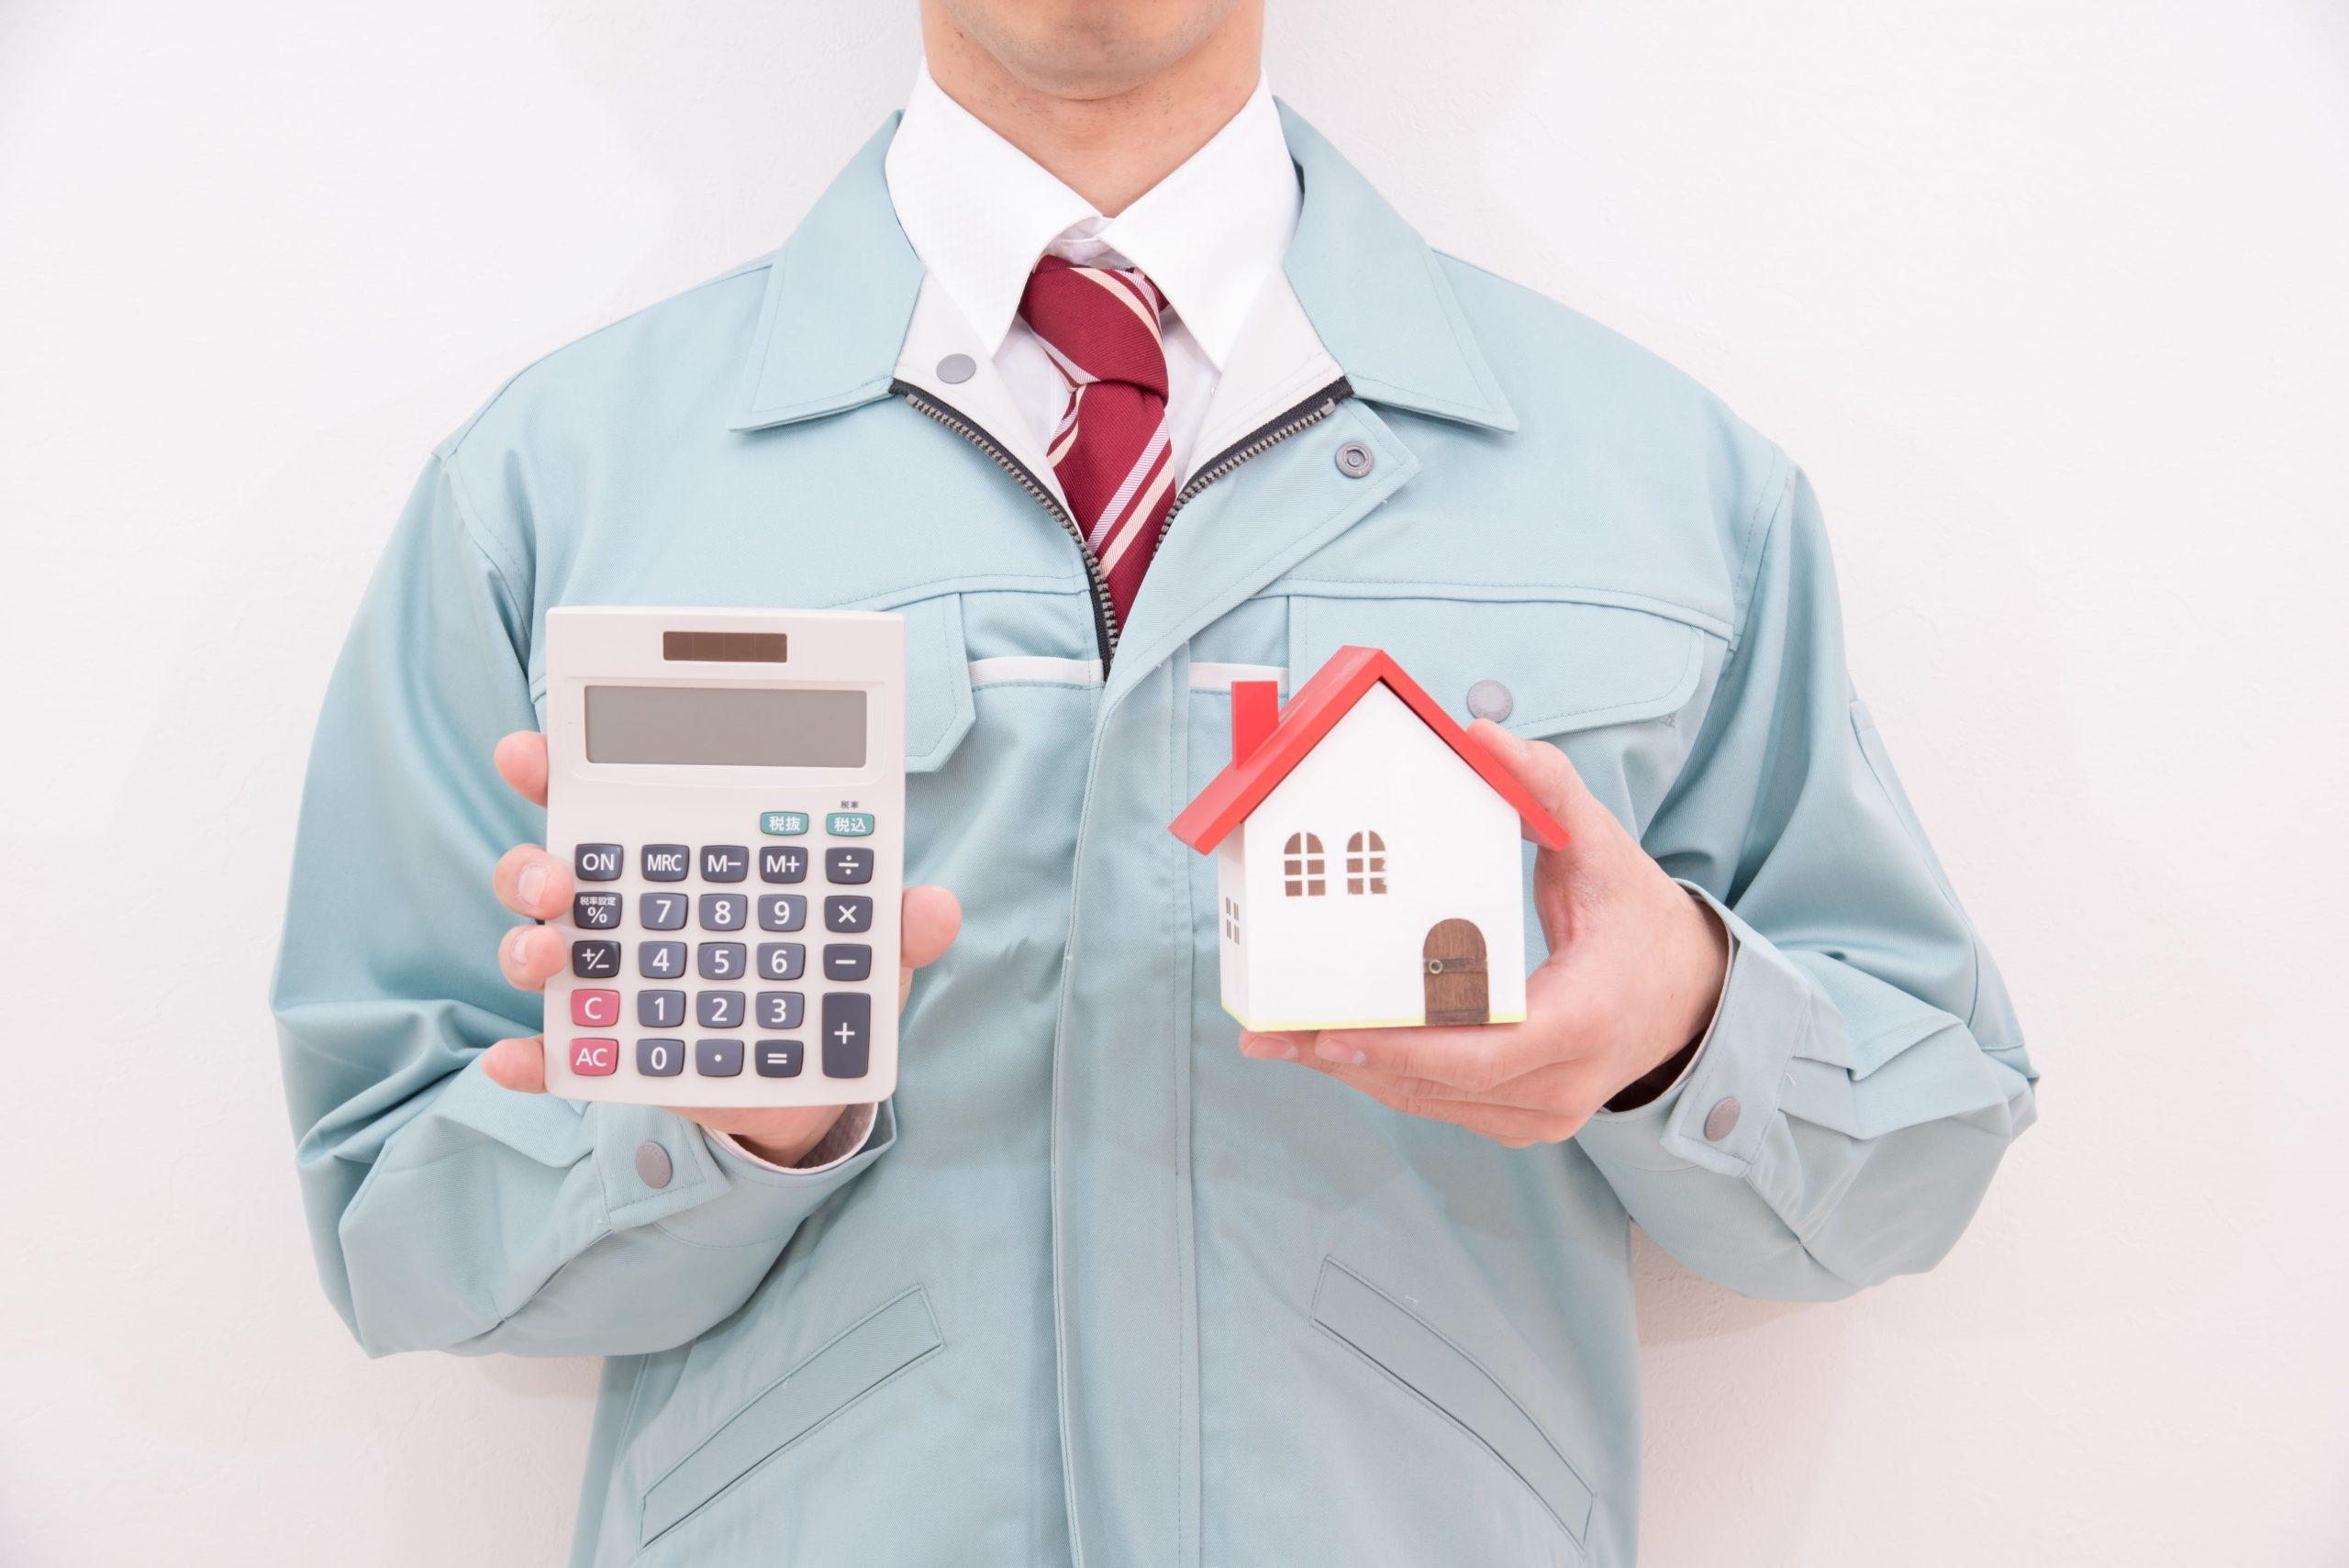 自営業者は住宅ローンを組める?審査のポイントと落ちたときの対処法